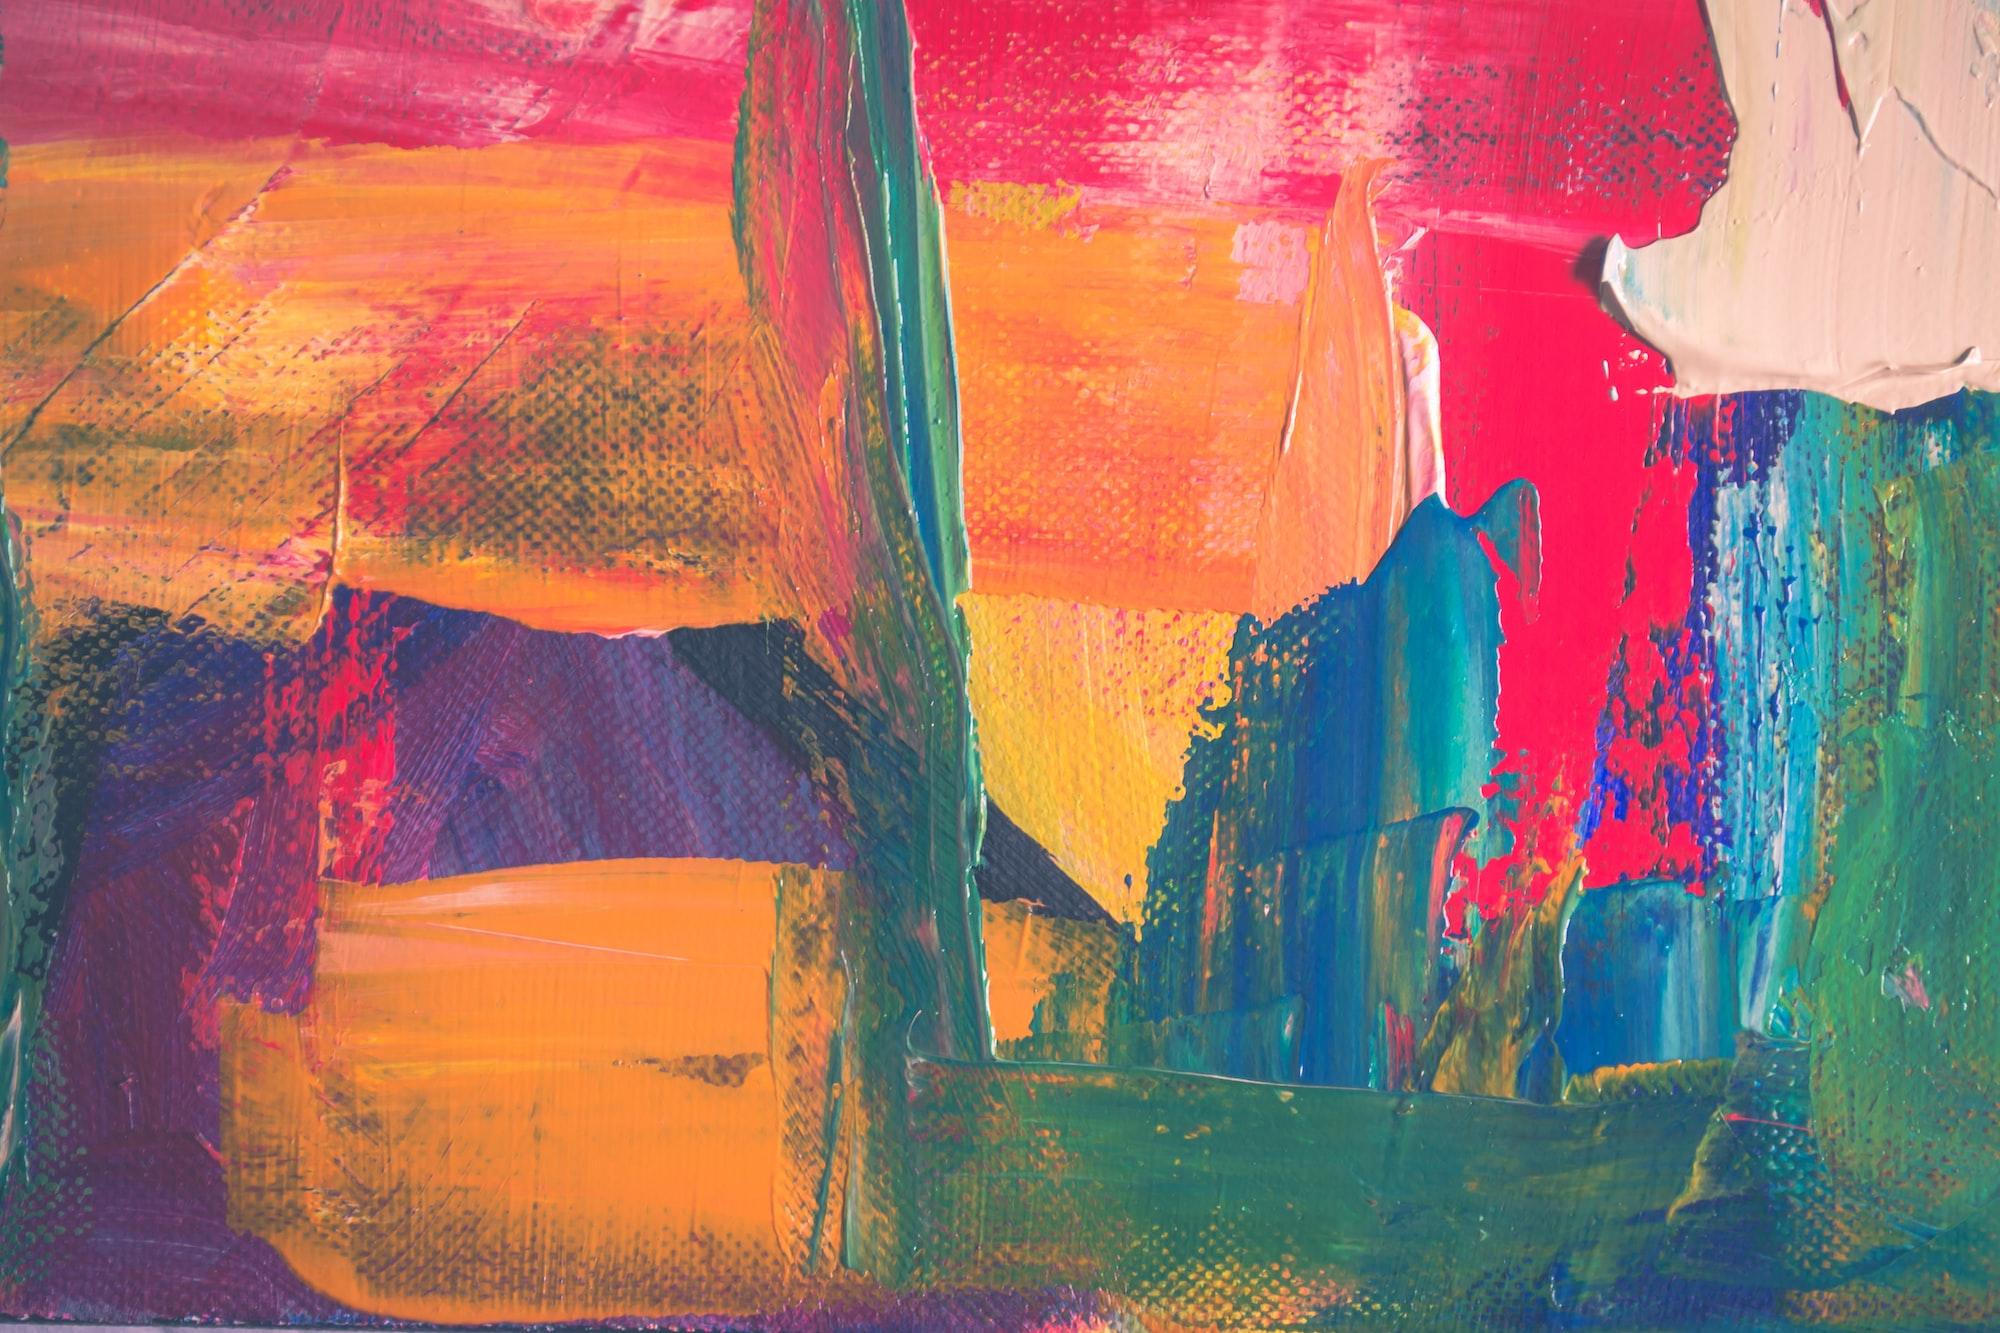 Özellikle Resim Yapımında Kullanılan Sentetik Bir Boya, Suda Ezilmiş Pigmentlerin Lateks İçinde Dağılımı Sonucunda Elde Edilen Emülsiyon Boya Bulmaca Anlamı Nedir?